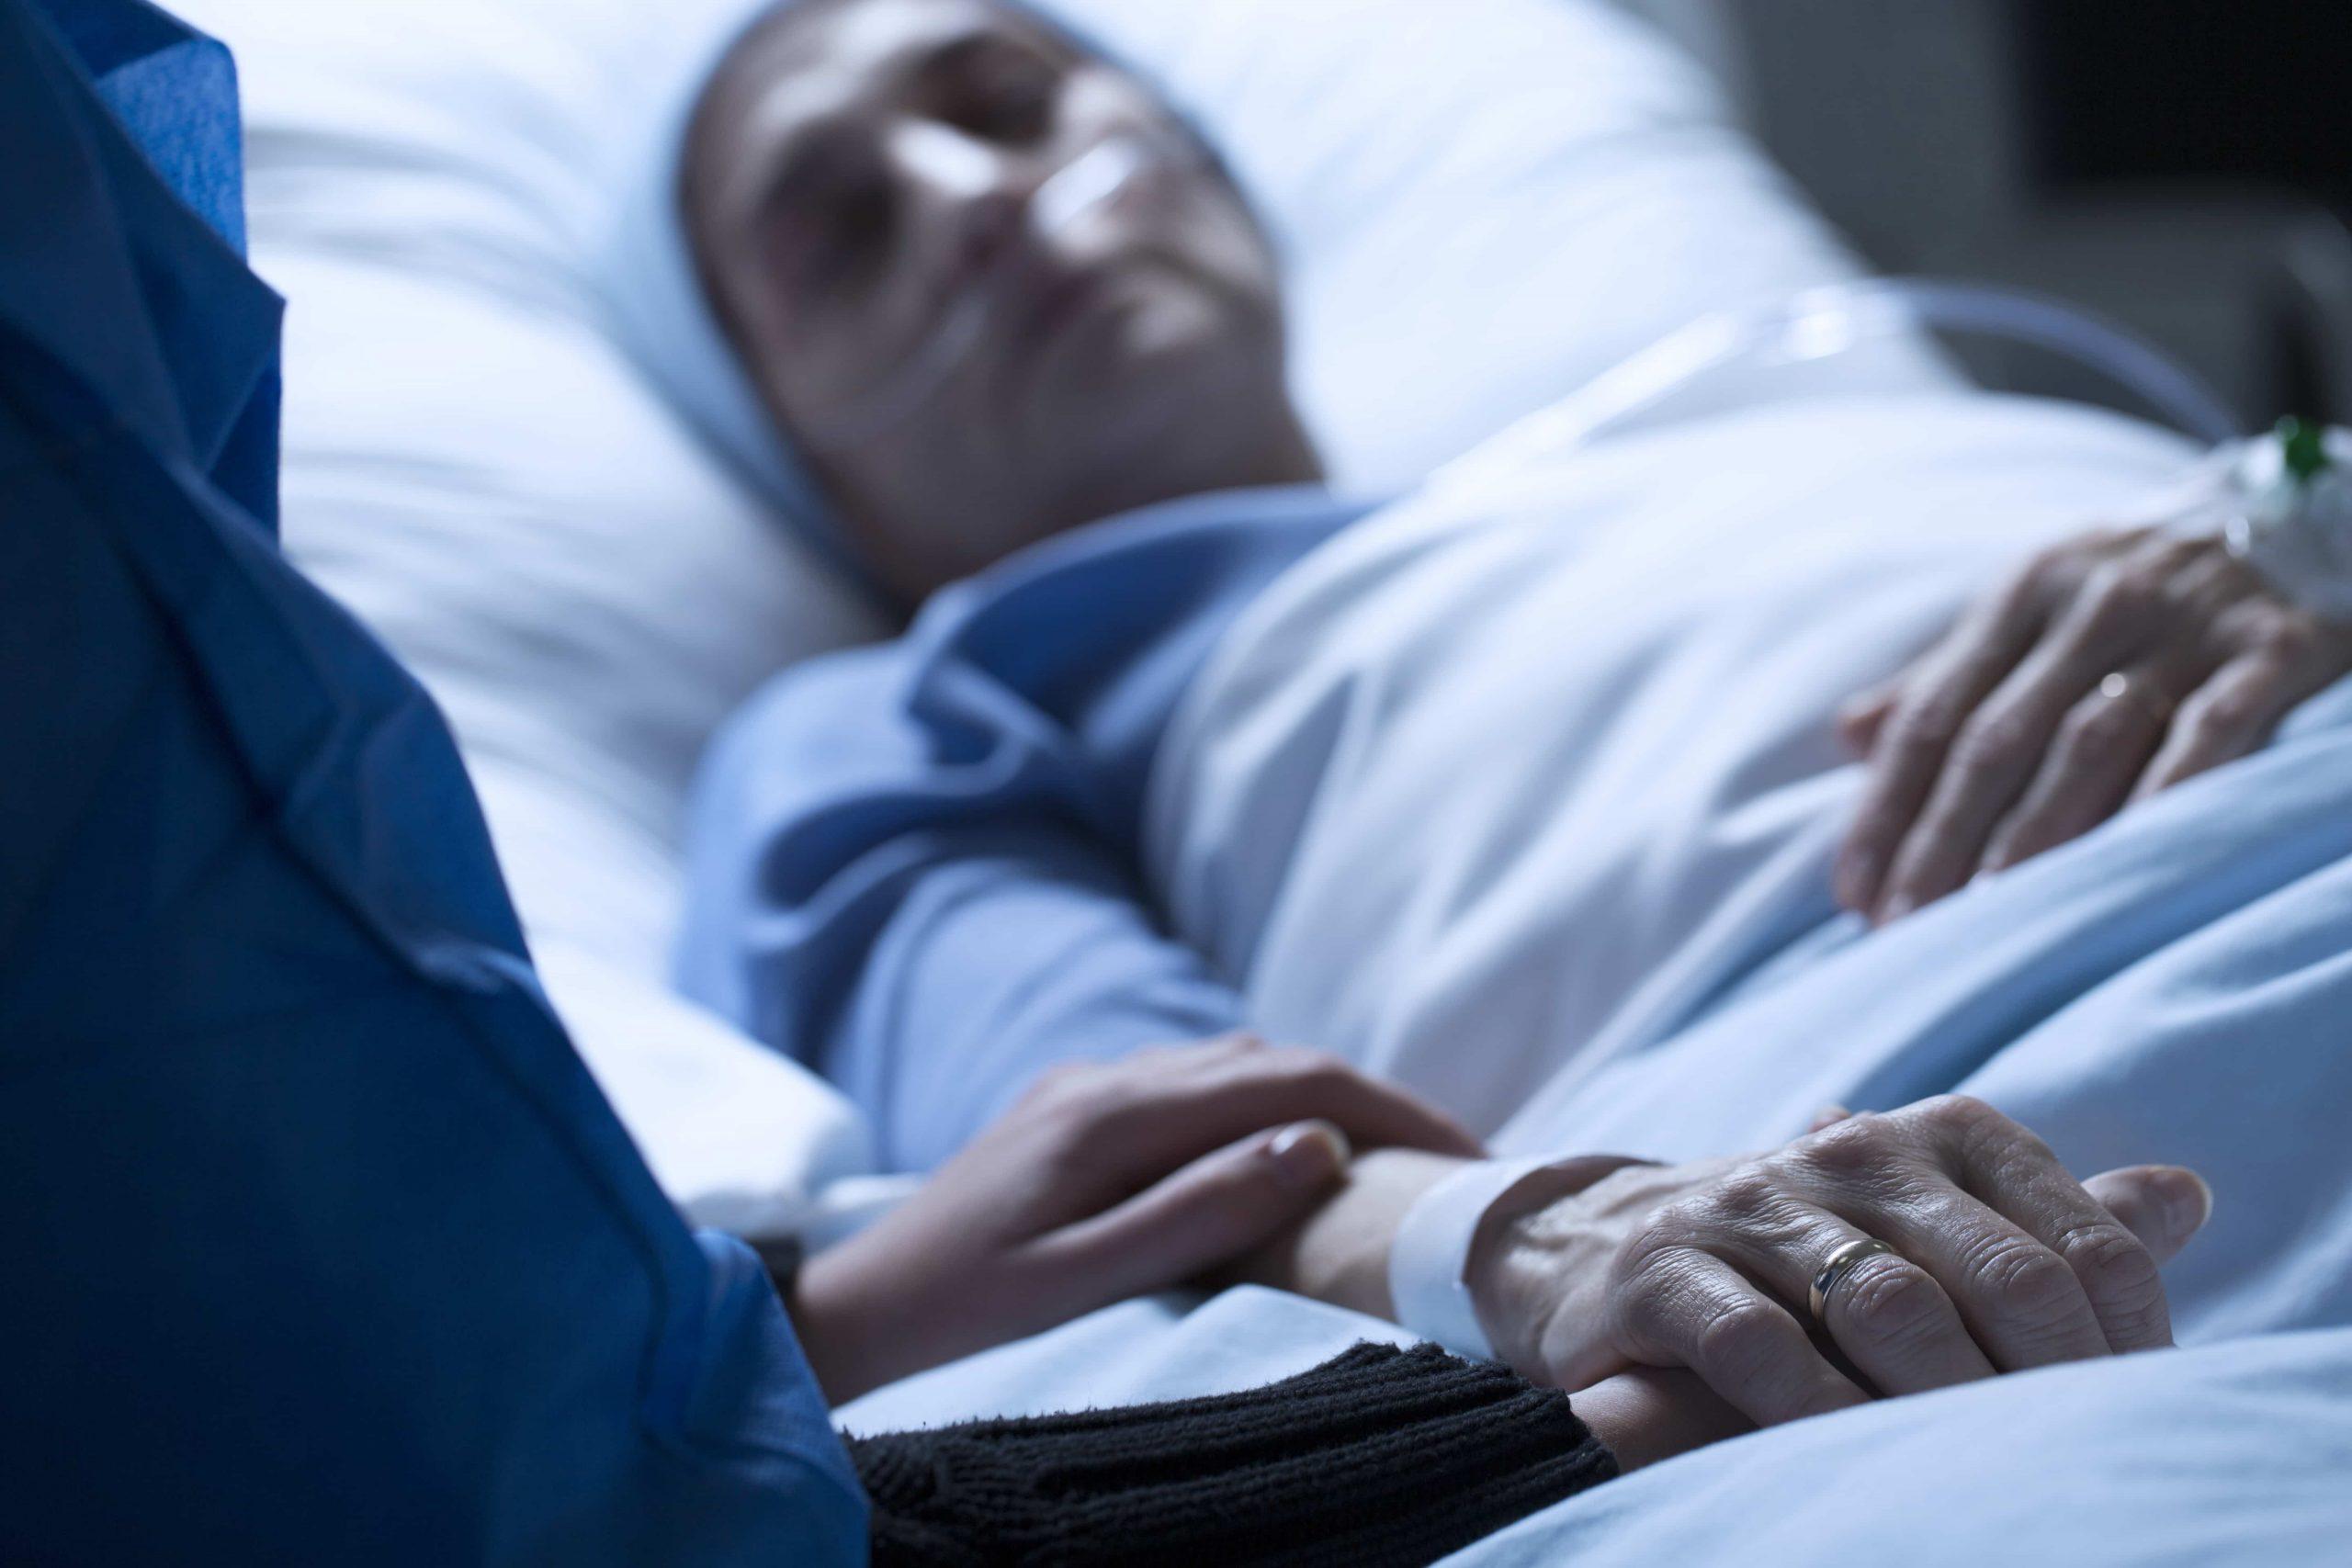 Poolse regering komt op voor 'verstervende' Pool in Engels ziekenhuis